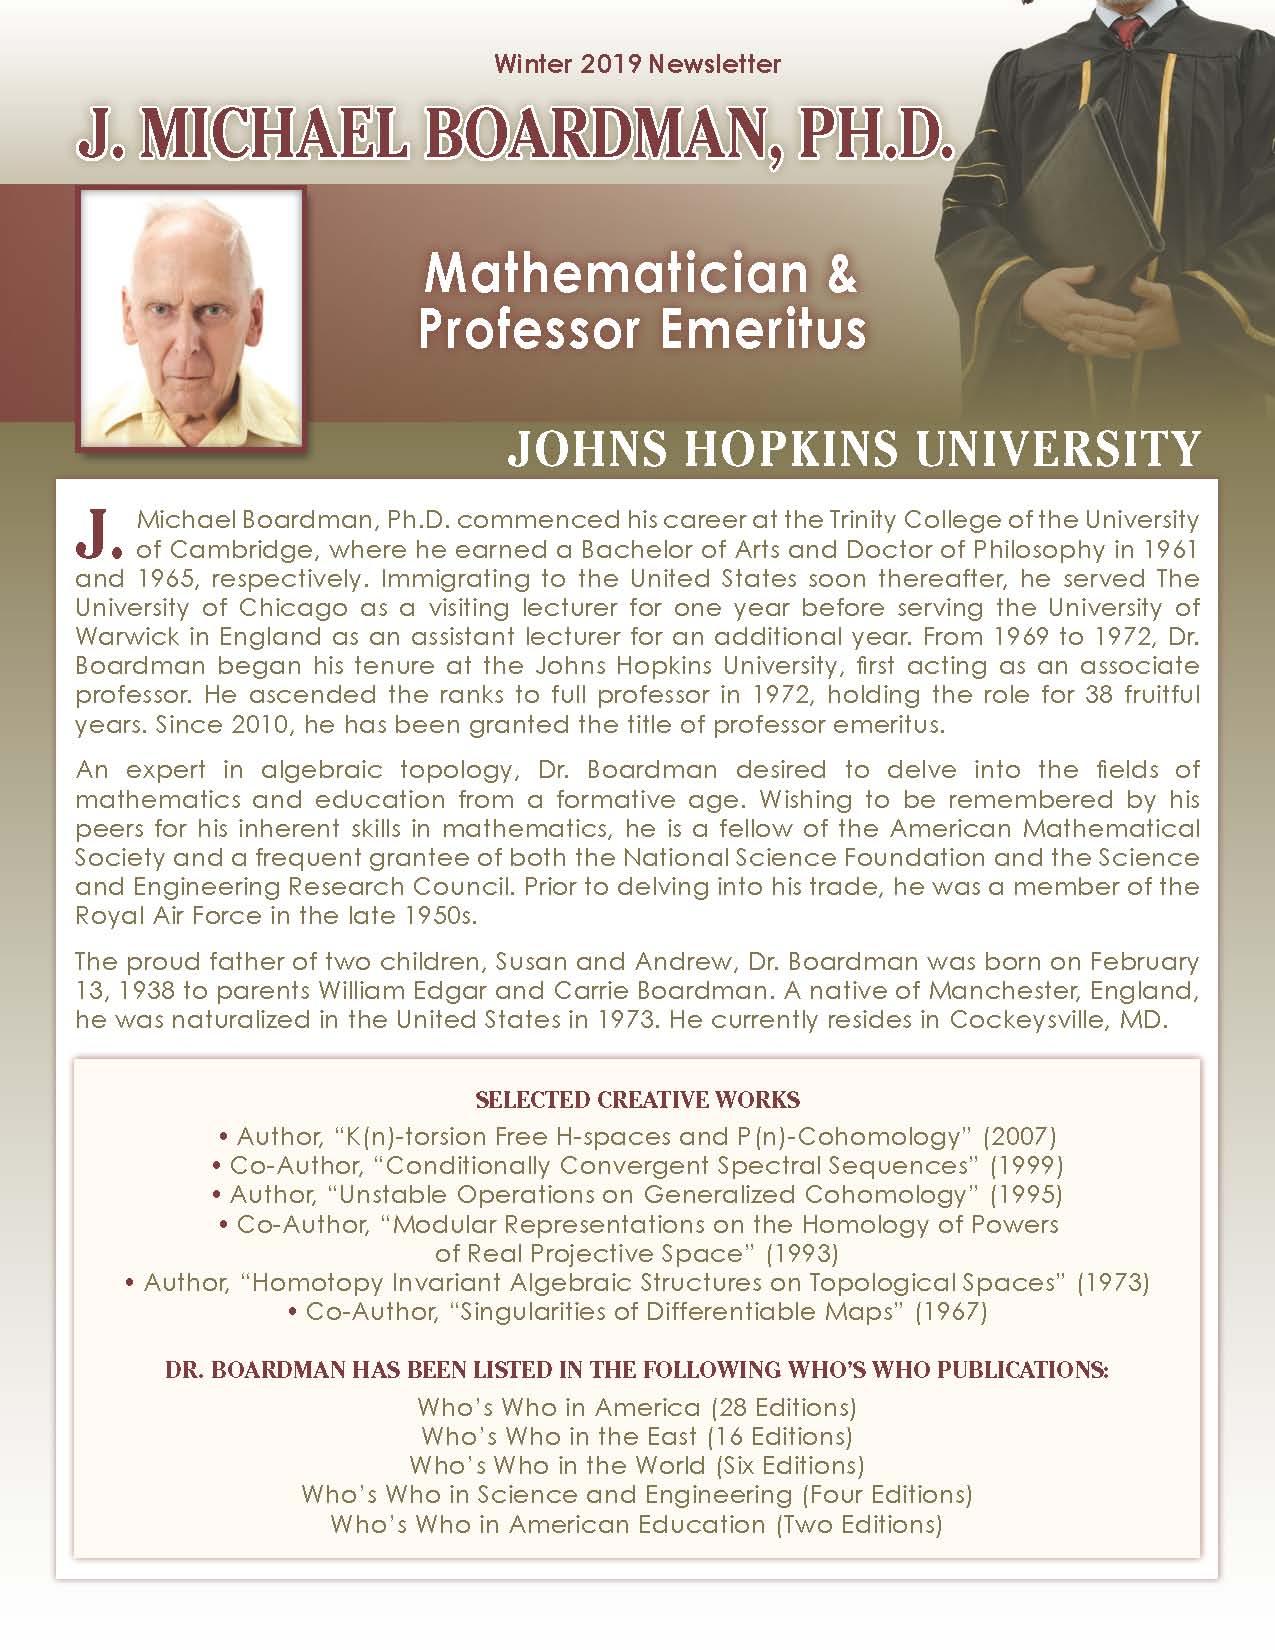 Boardman, John 2225401_2206956 Newsletter